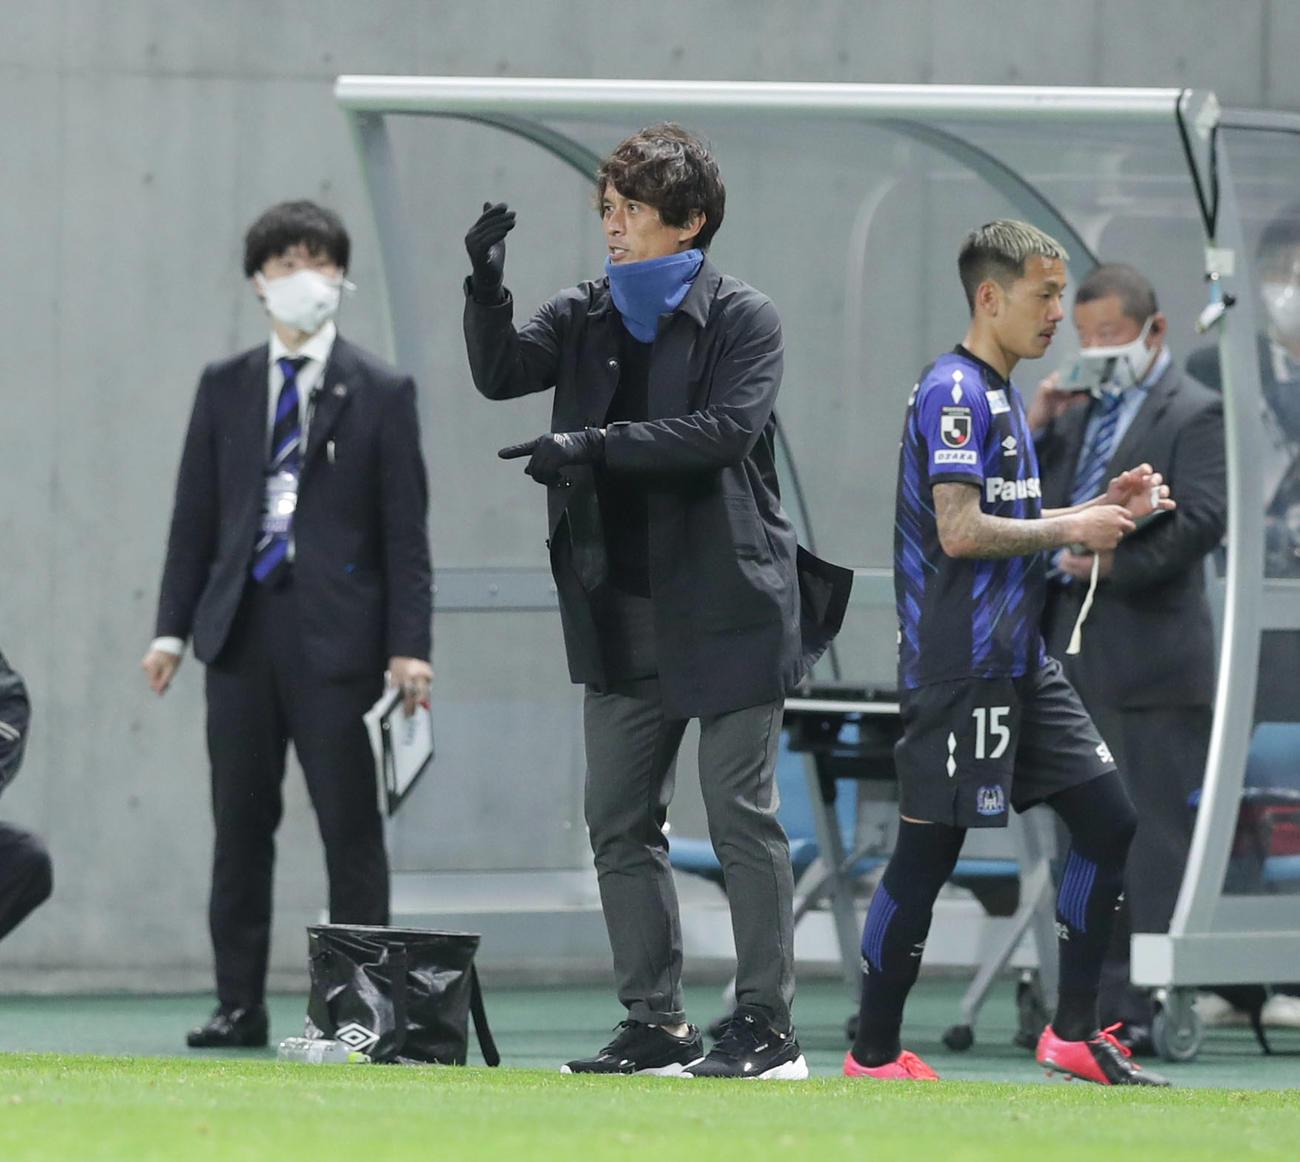 21年5月12日、広島戦の後半、飲水タイムで選手に指示を出すG大阪宮本監督(中央)